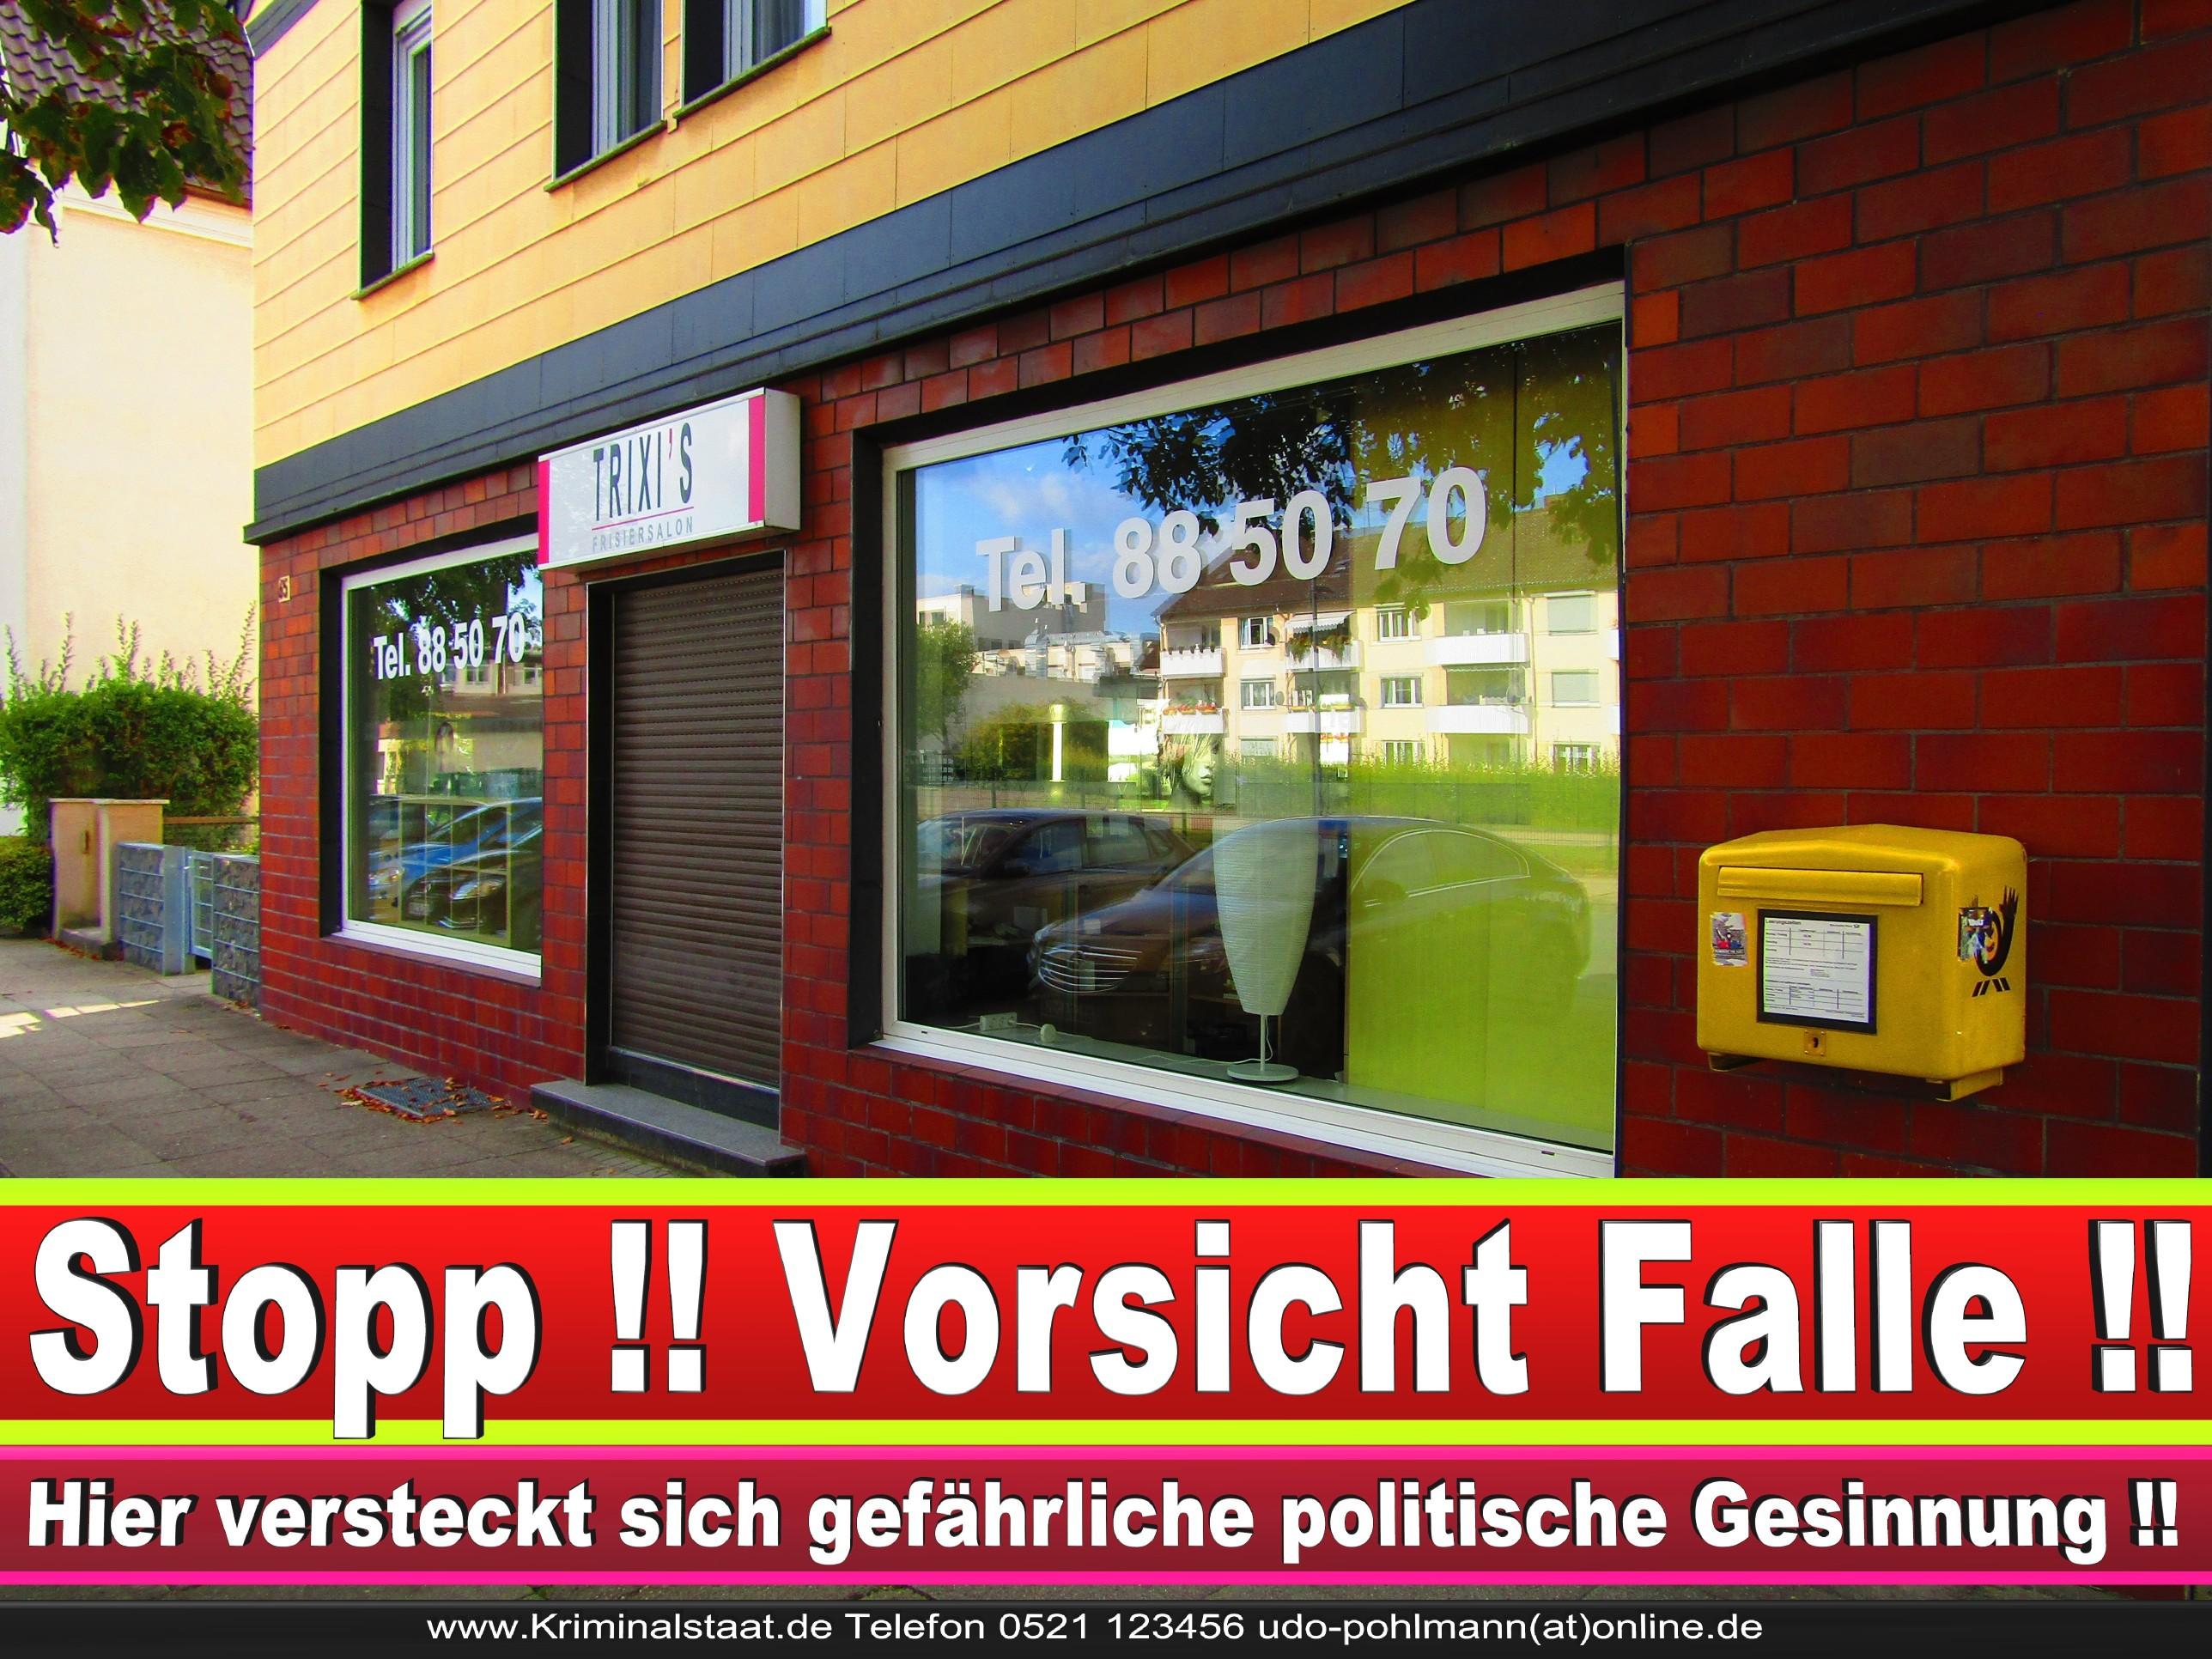 PATRICIA WEHMEYER TRIXI CDU BIELEFELD HAIRSALON FRISEUR 11 LANDTAGSWAHL BUNDESTAGSWAHL BÜRGERMEISTERWAHL